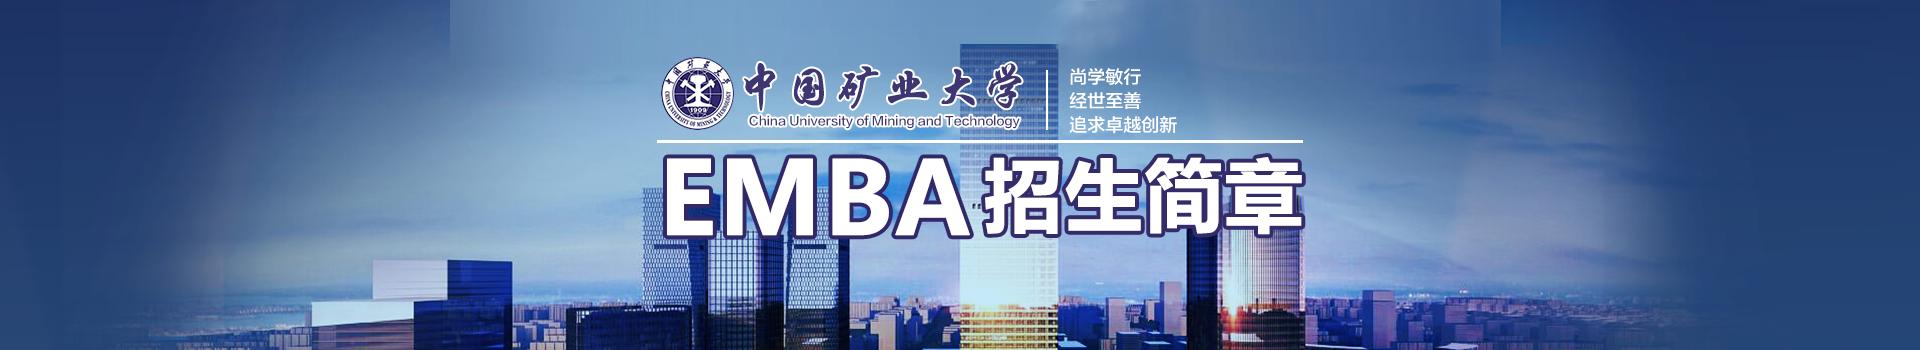 中国矿业大学(北京)管理学院高级工商管理硕士EMBA招生简章